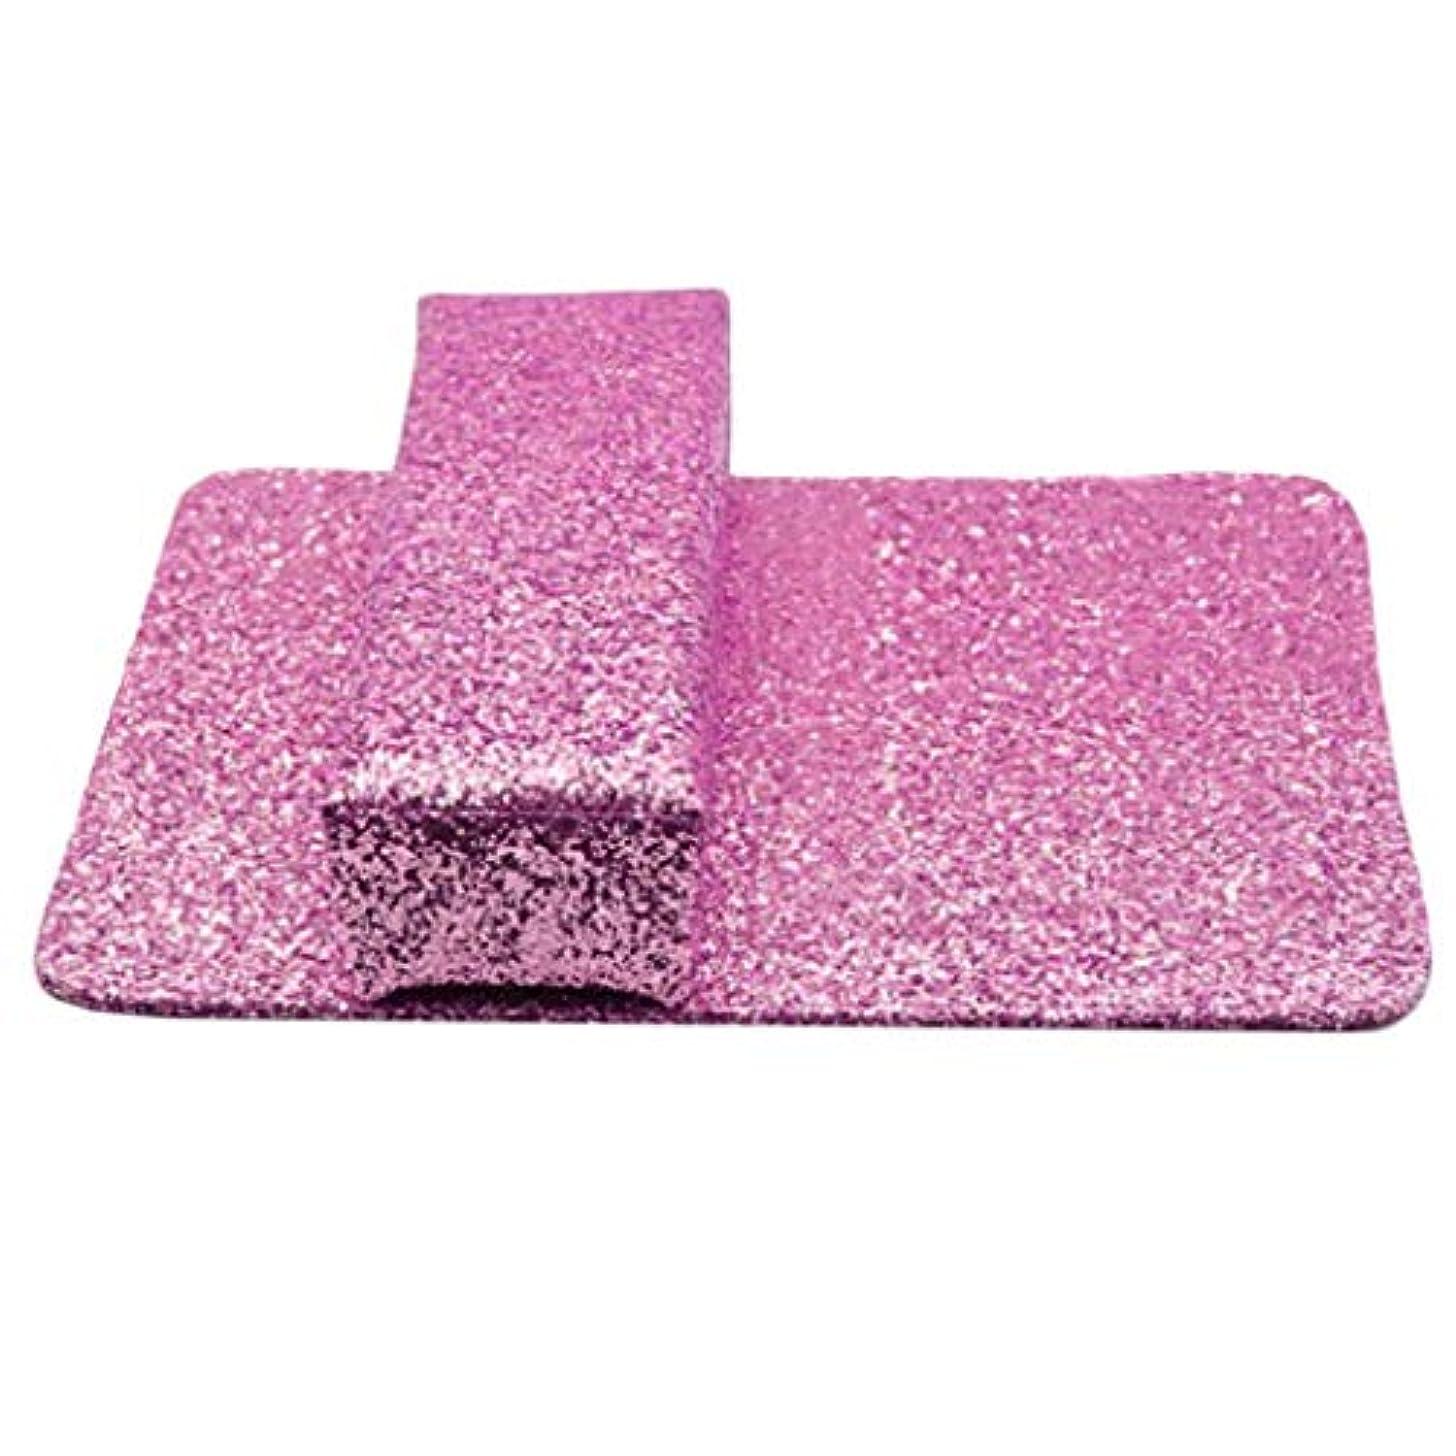 シャーロックホームズ罪人ゆりDYNWAVE 腕置き クッション マッサージ用クッション ハンドピロー ネイル 美容室 自宅 使用可能 全3カラー - ピンク